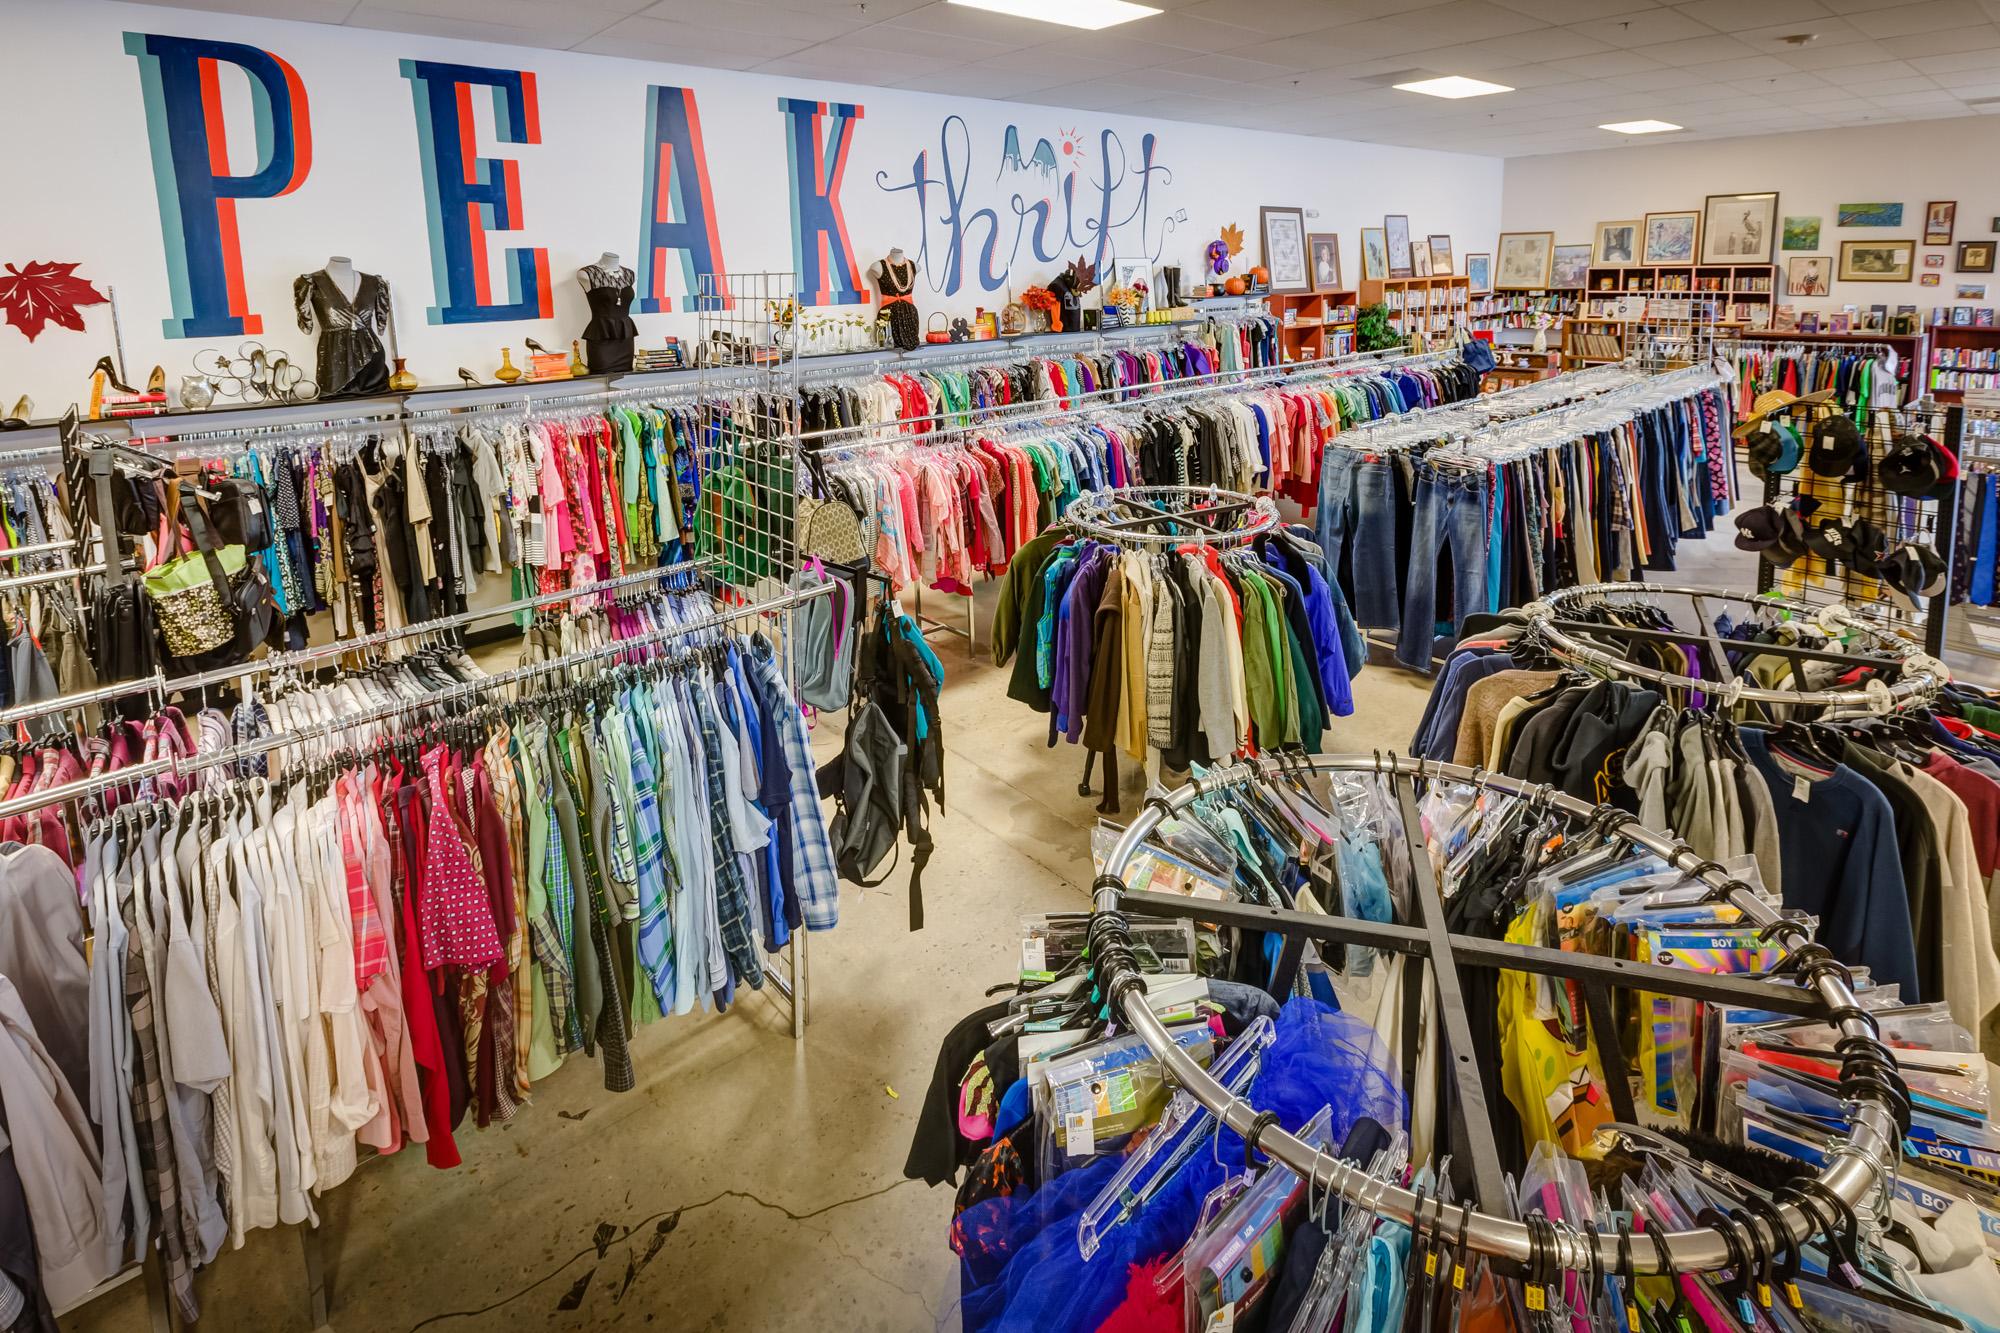 9501b897 peak thrift denver web 0001